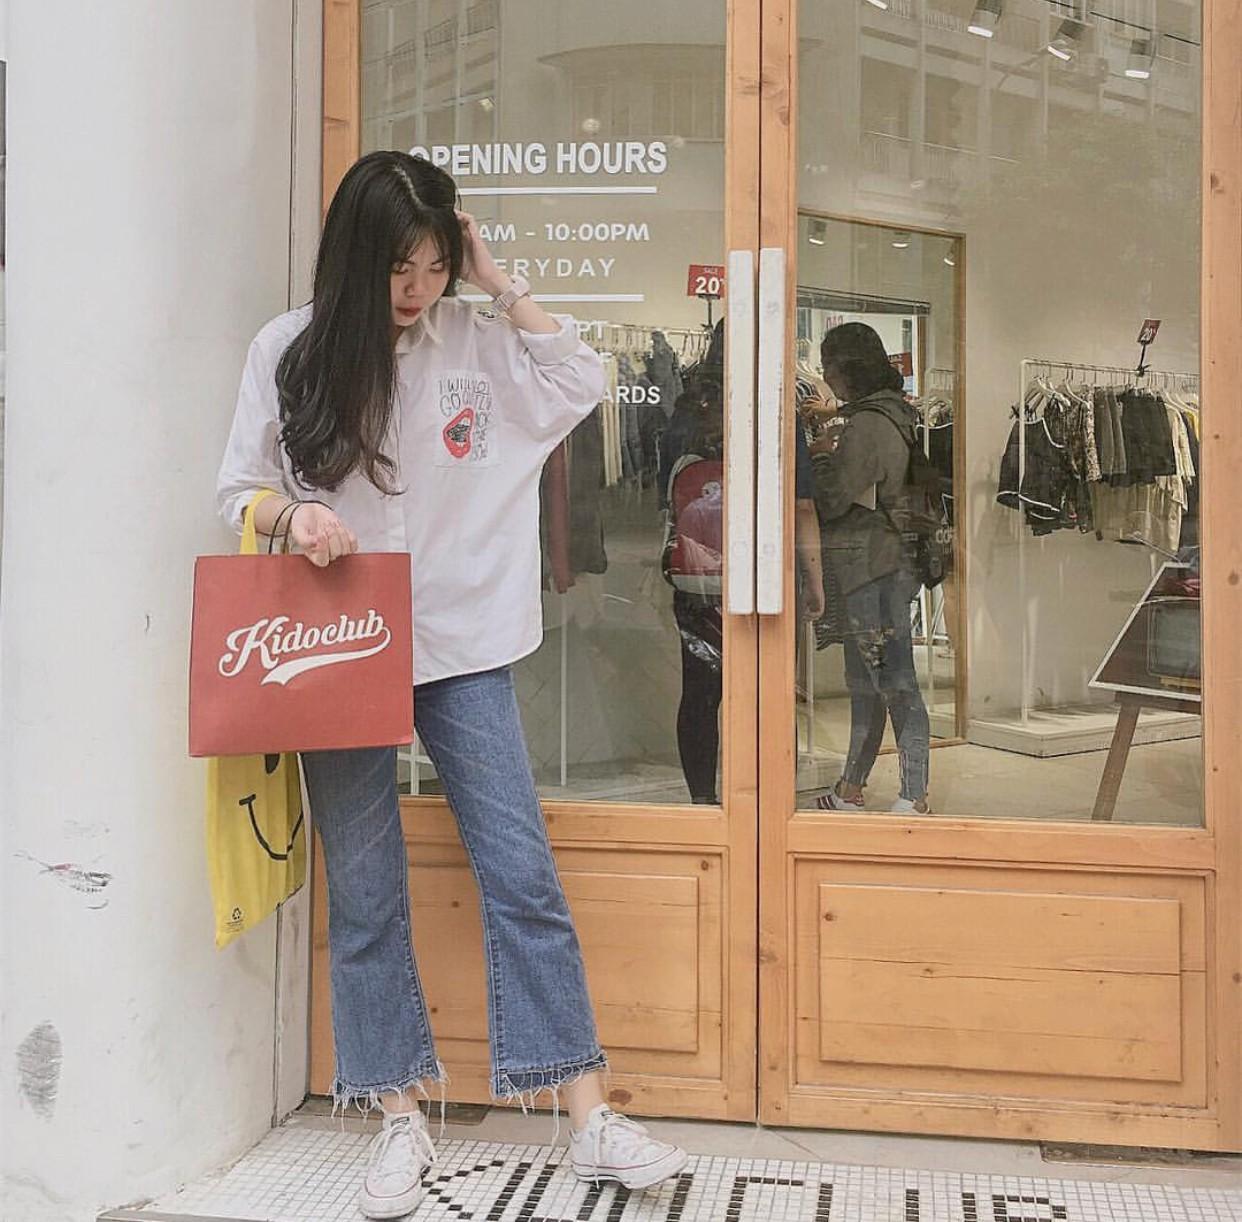 Ngoài quán cà phê, giới trẻ Việt Nam giờ còn ùn ùn đến các shop quần áo để chụp ảnh - Ảnh 13.